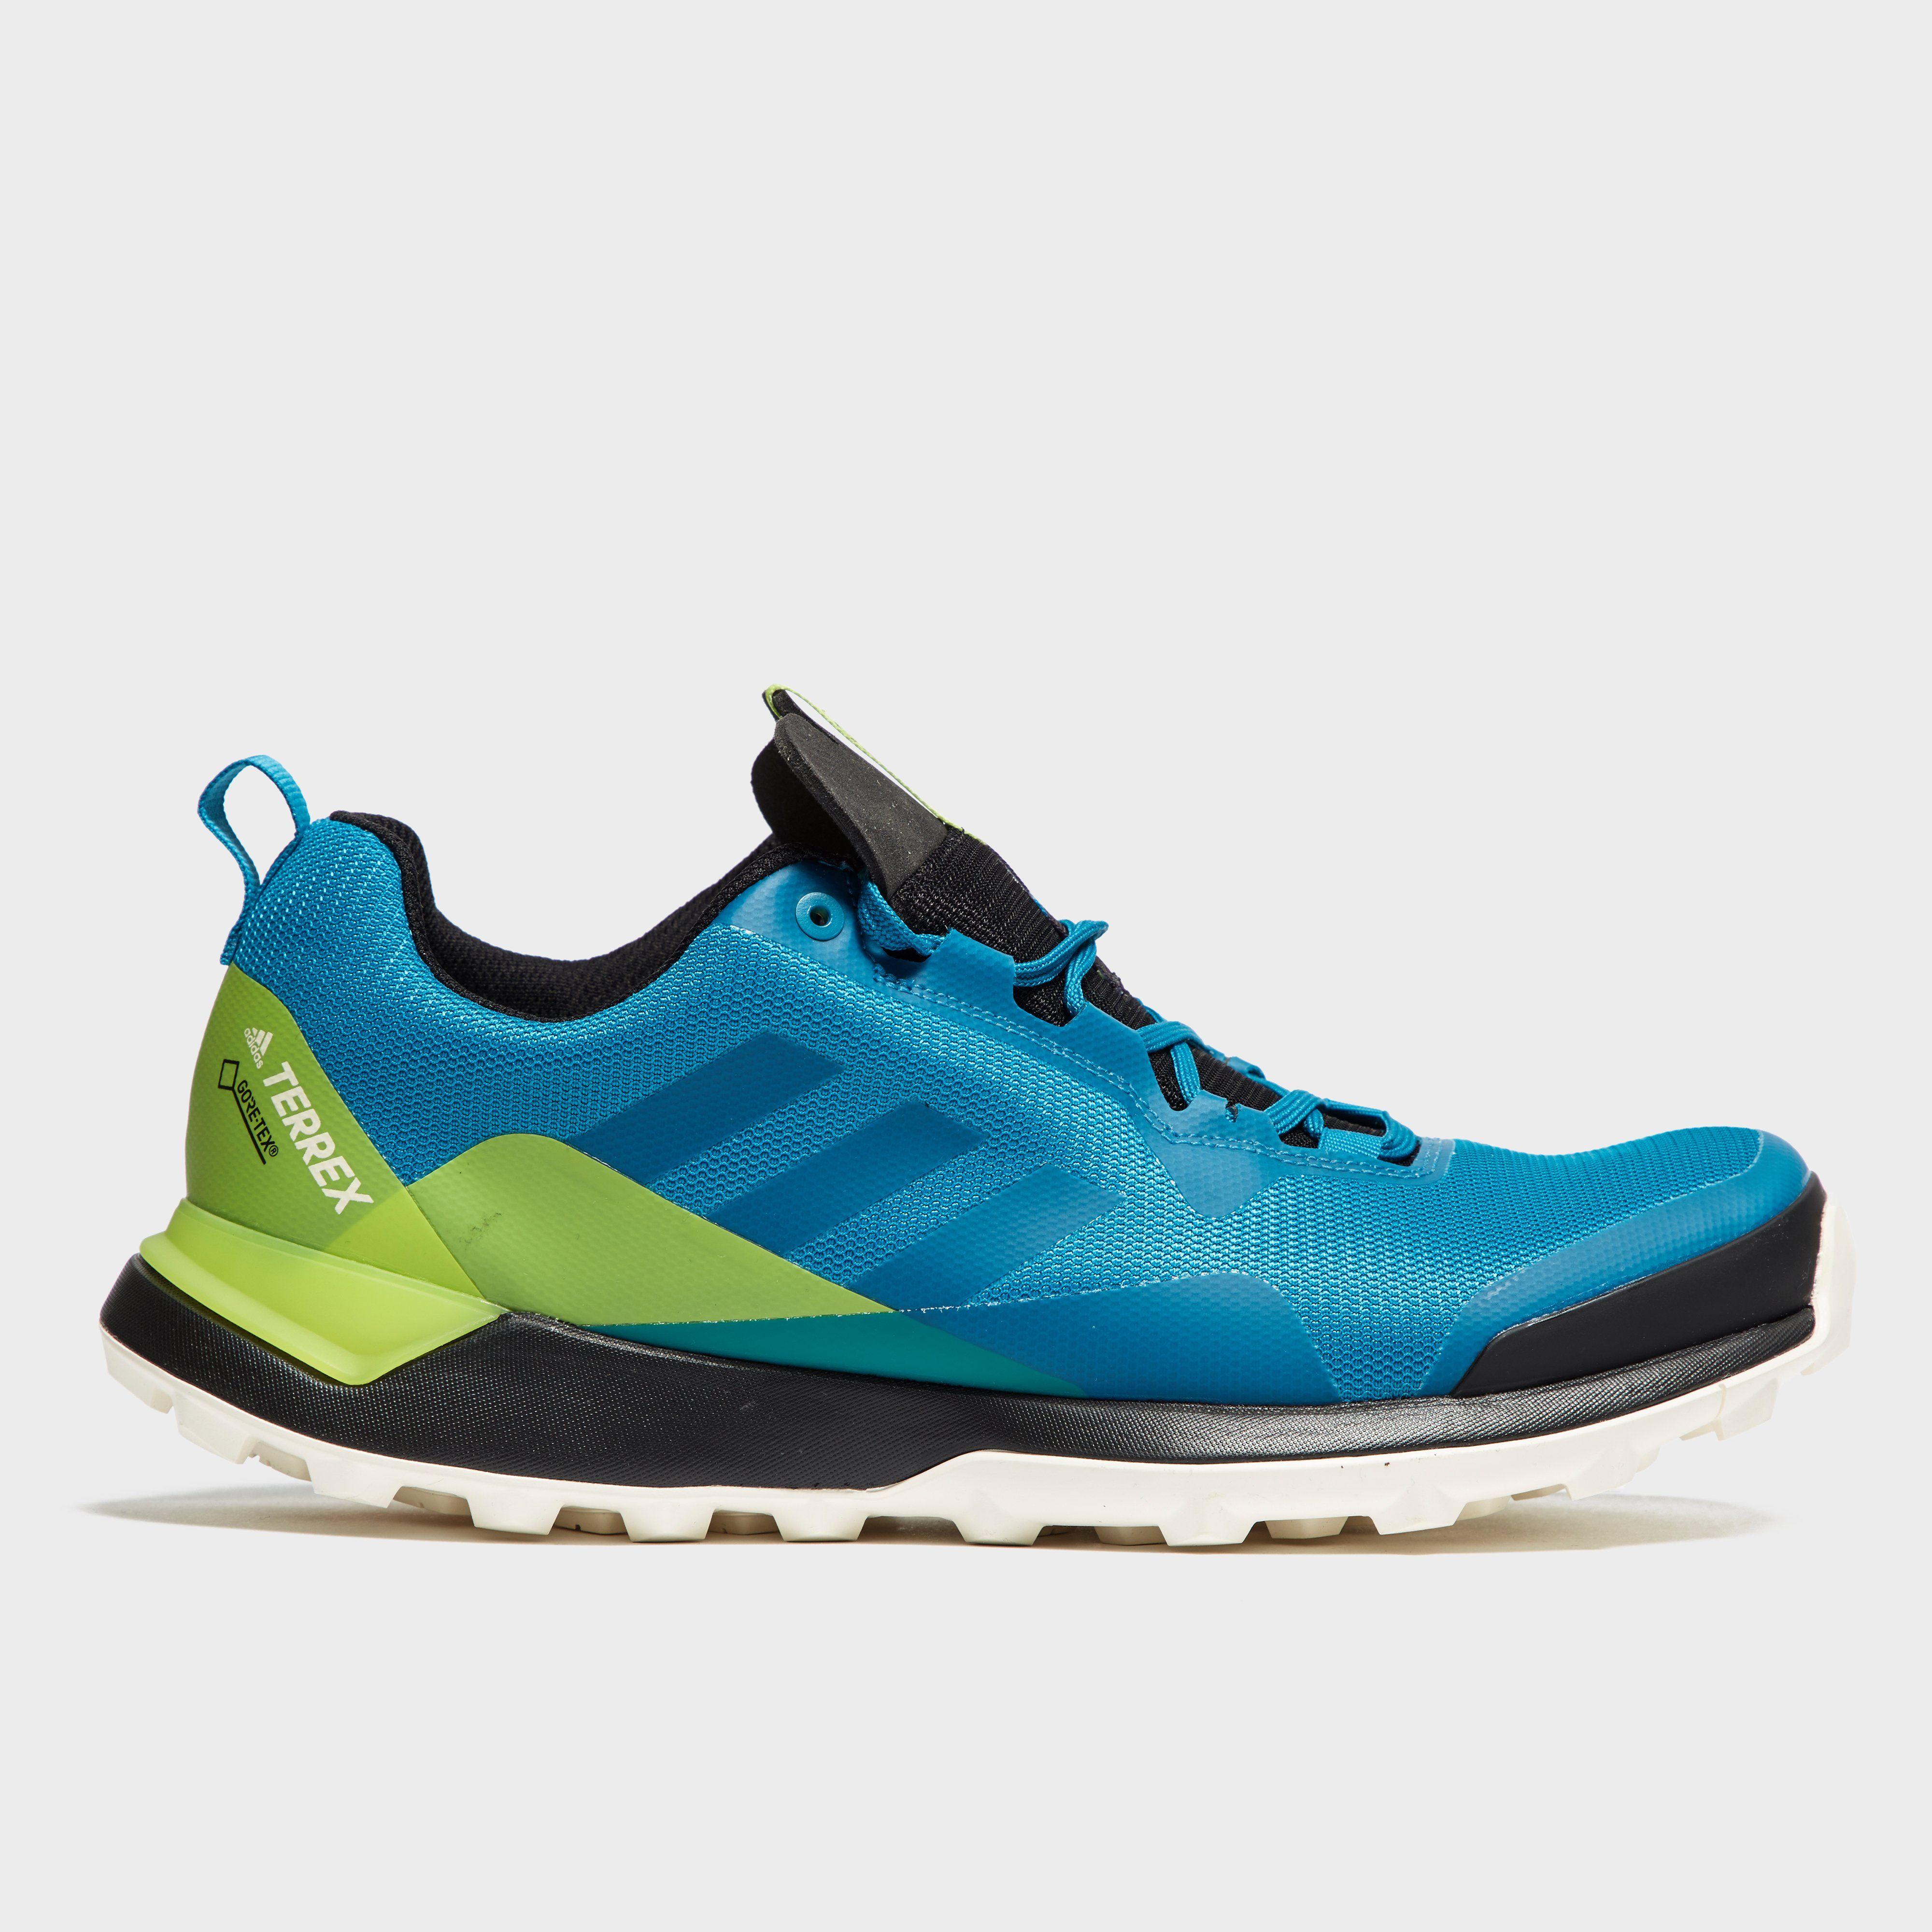 ADIDAS Men's Terrex CMTK GORE-TEX® Running Shoes